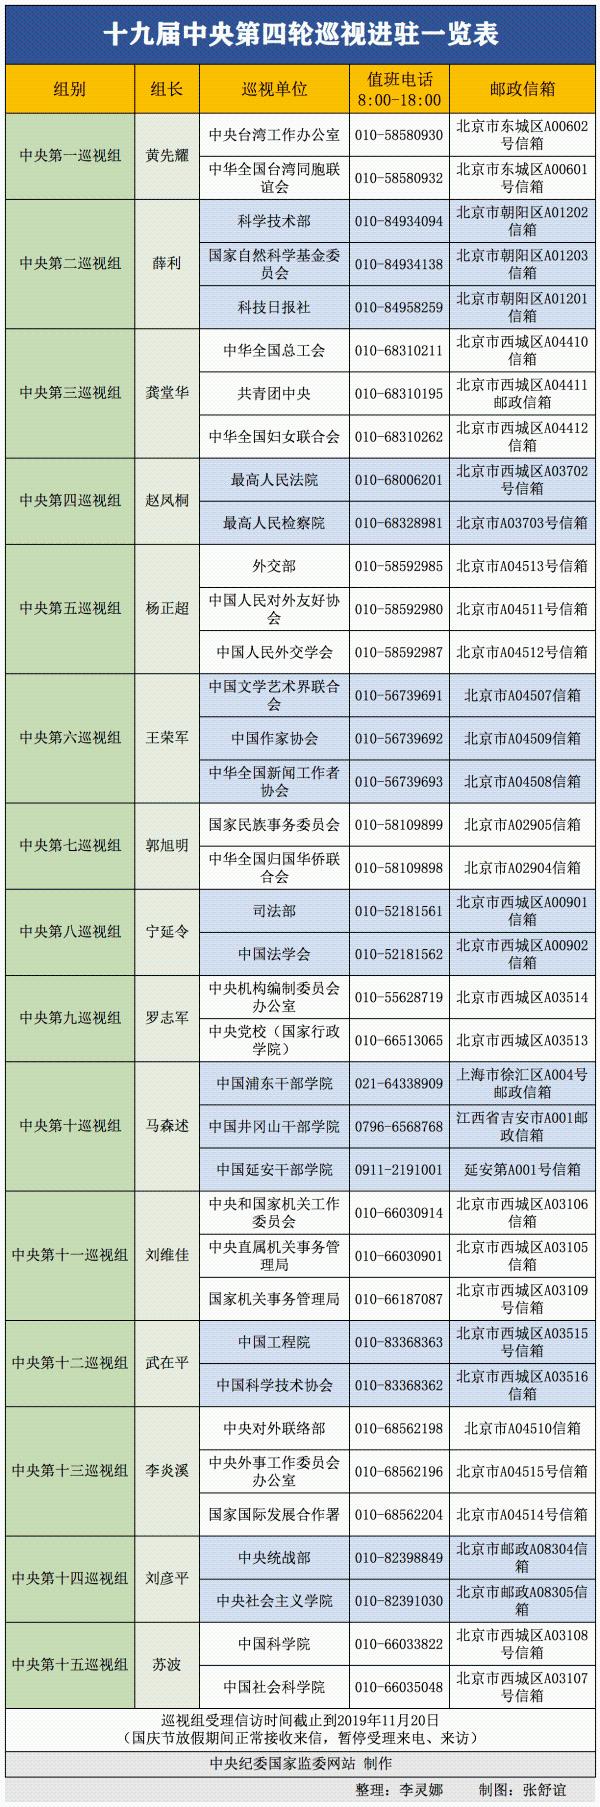 15个中央巡视组组长亮相,曾拿下副国级的反腐老将第16次出征